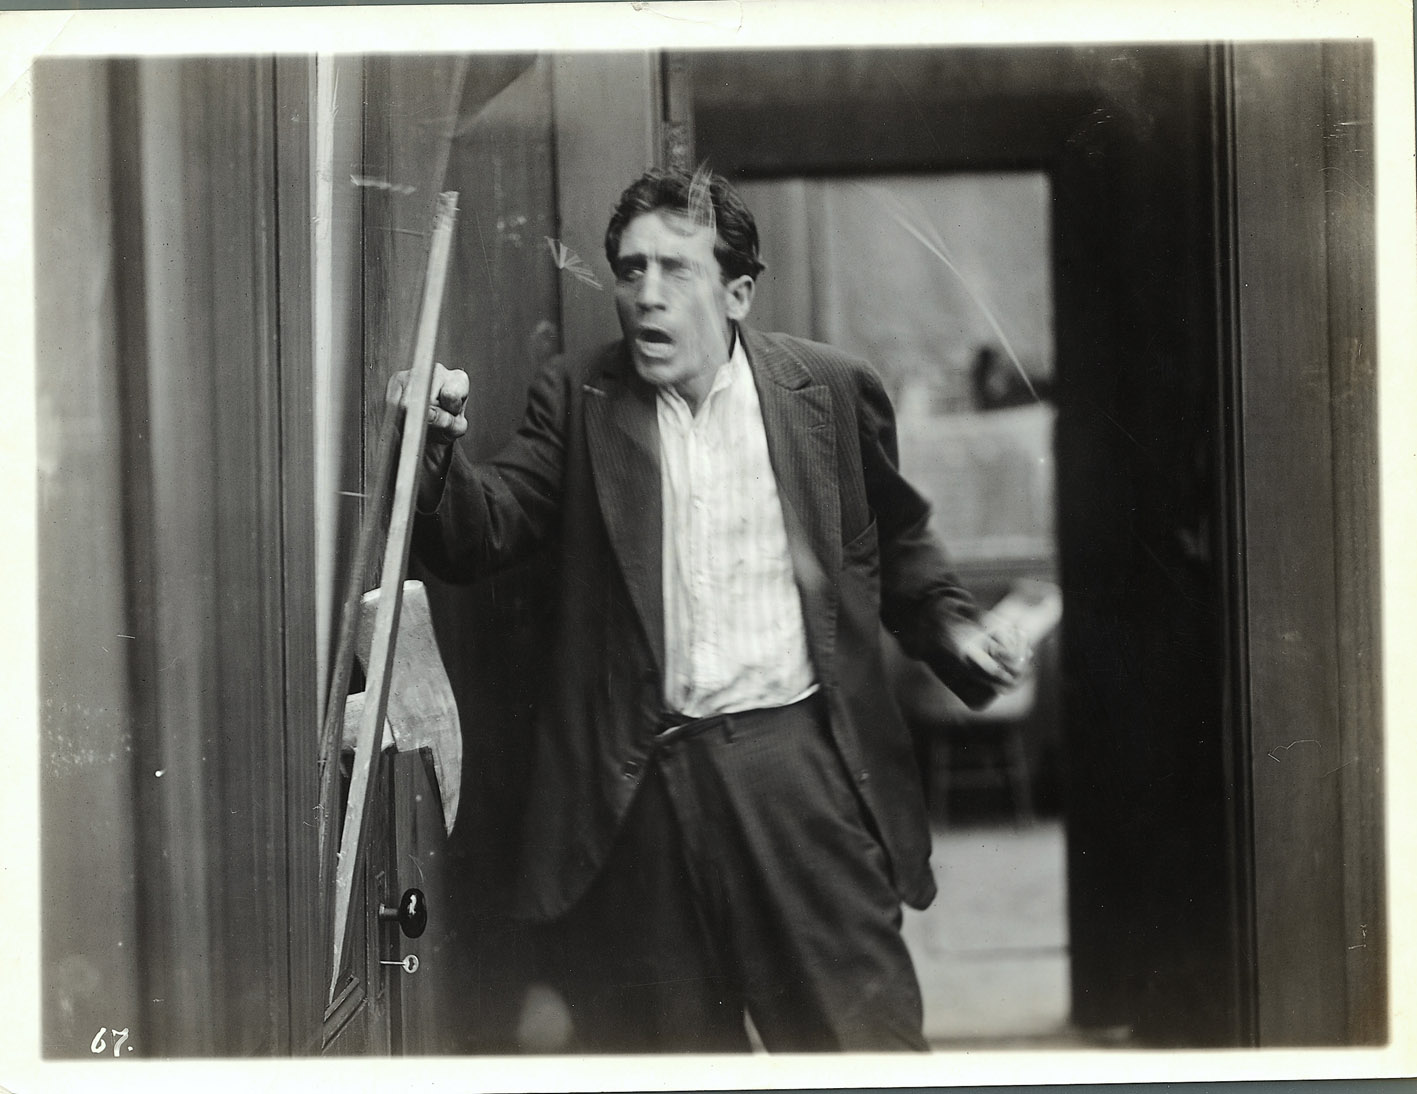 Walter Edwards. Idolators. Coll. Cinémathèque française. D.R.